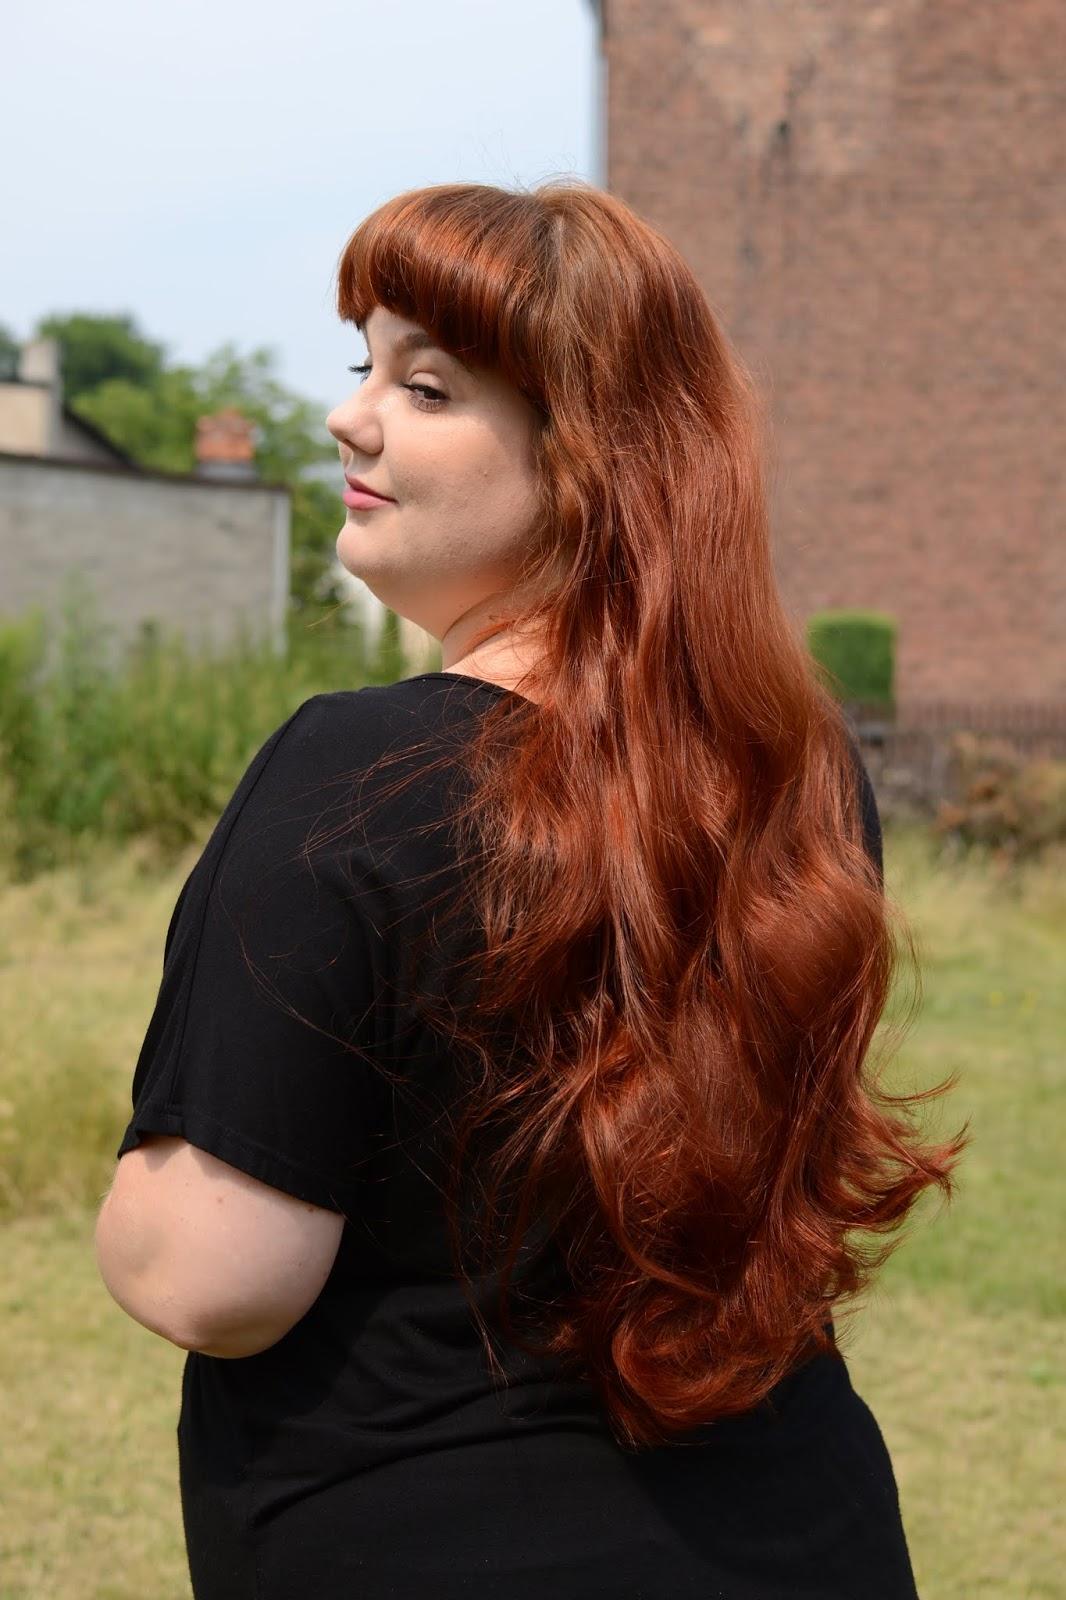 co na wypadanie włosów